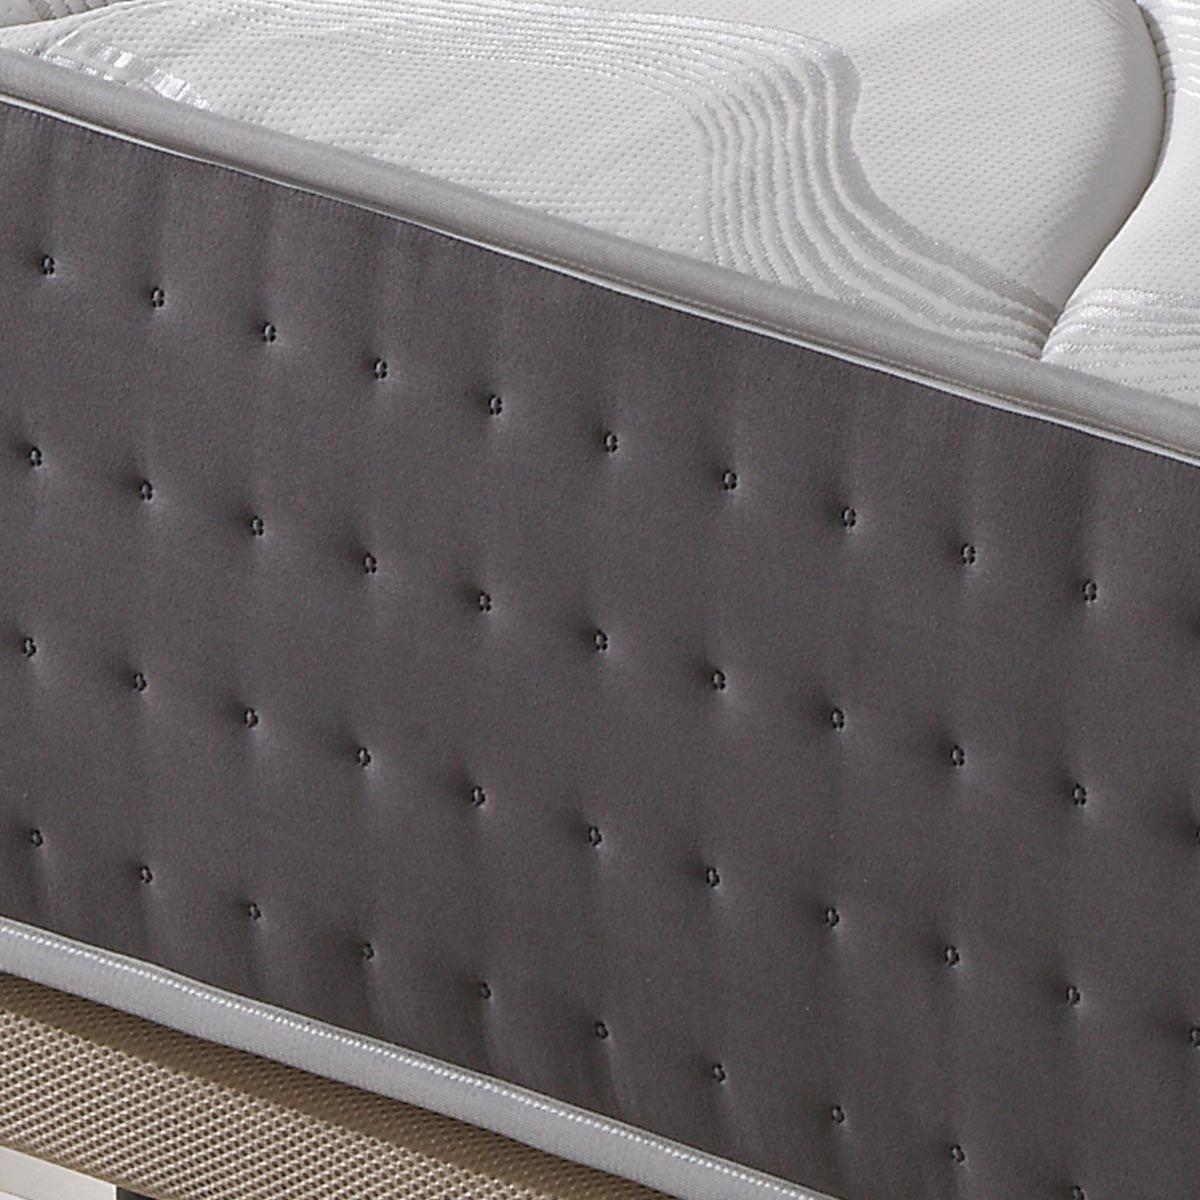 Zeng - Royal grafeno colchón de Espuma con Efecto Memoria, Reina 60 x 80 cm: Amazon.es: Hogar